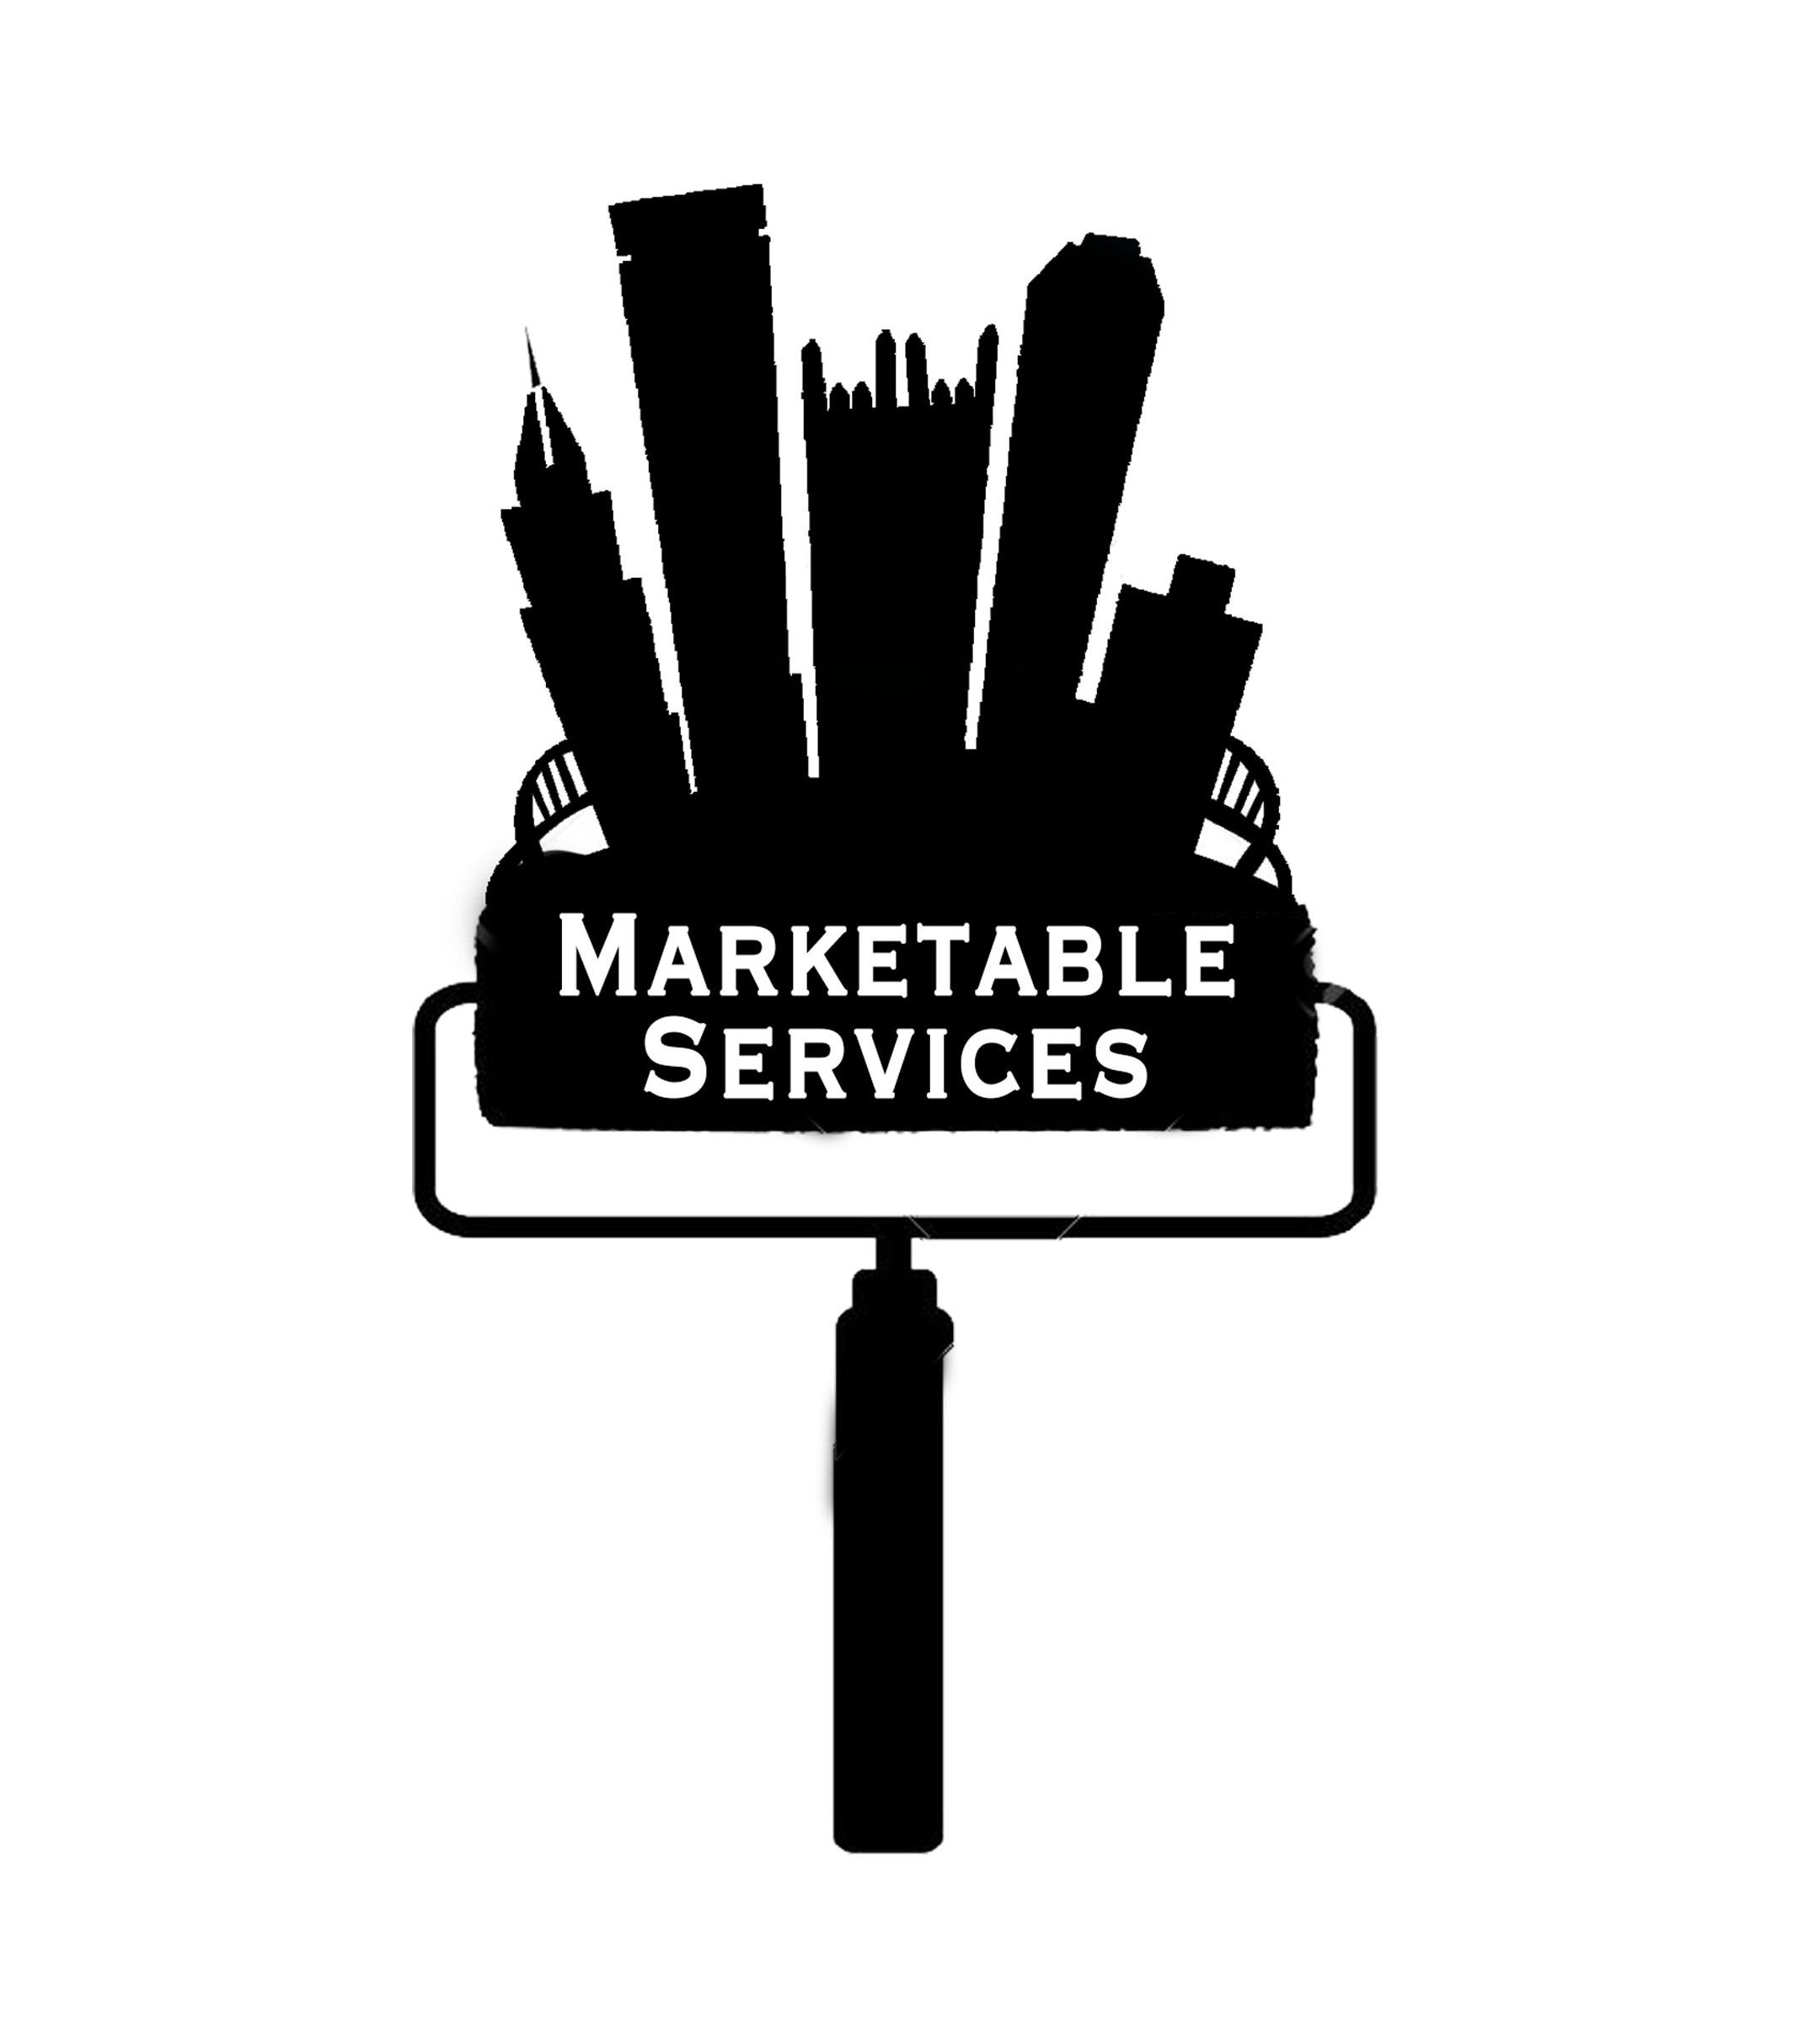 marketableservices.jpg